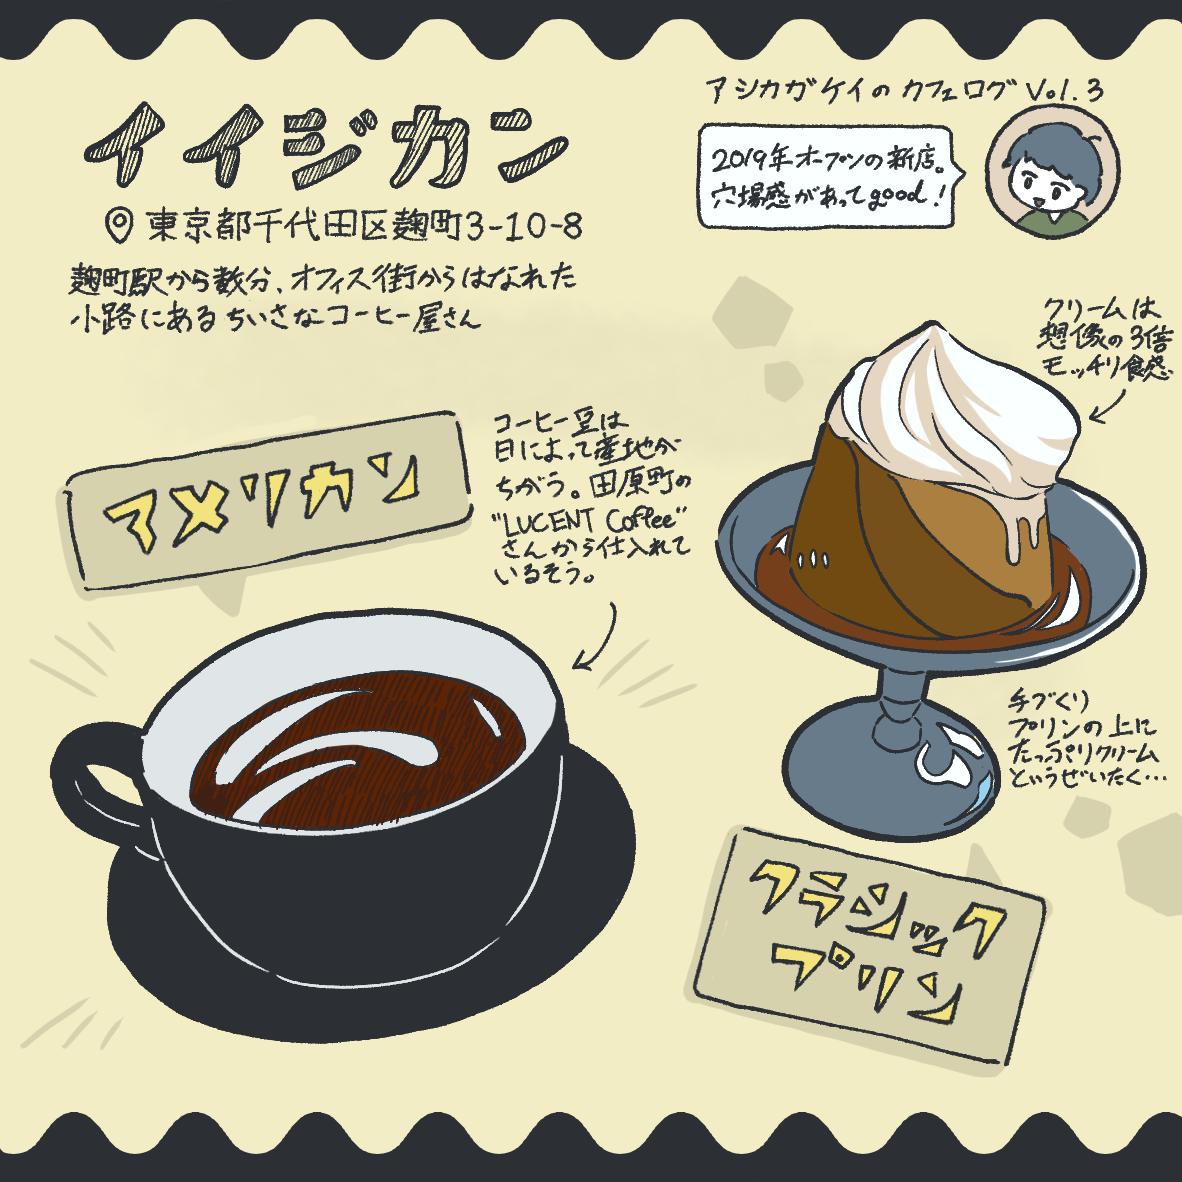 f:id:ashikagakei:20200518234417p:plain